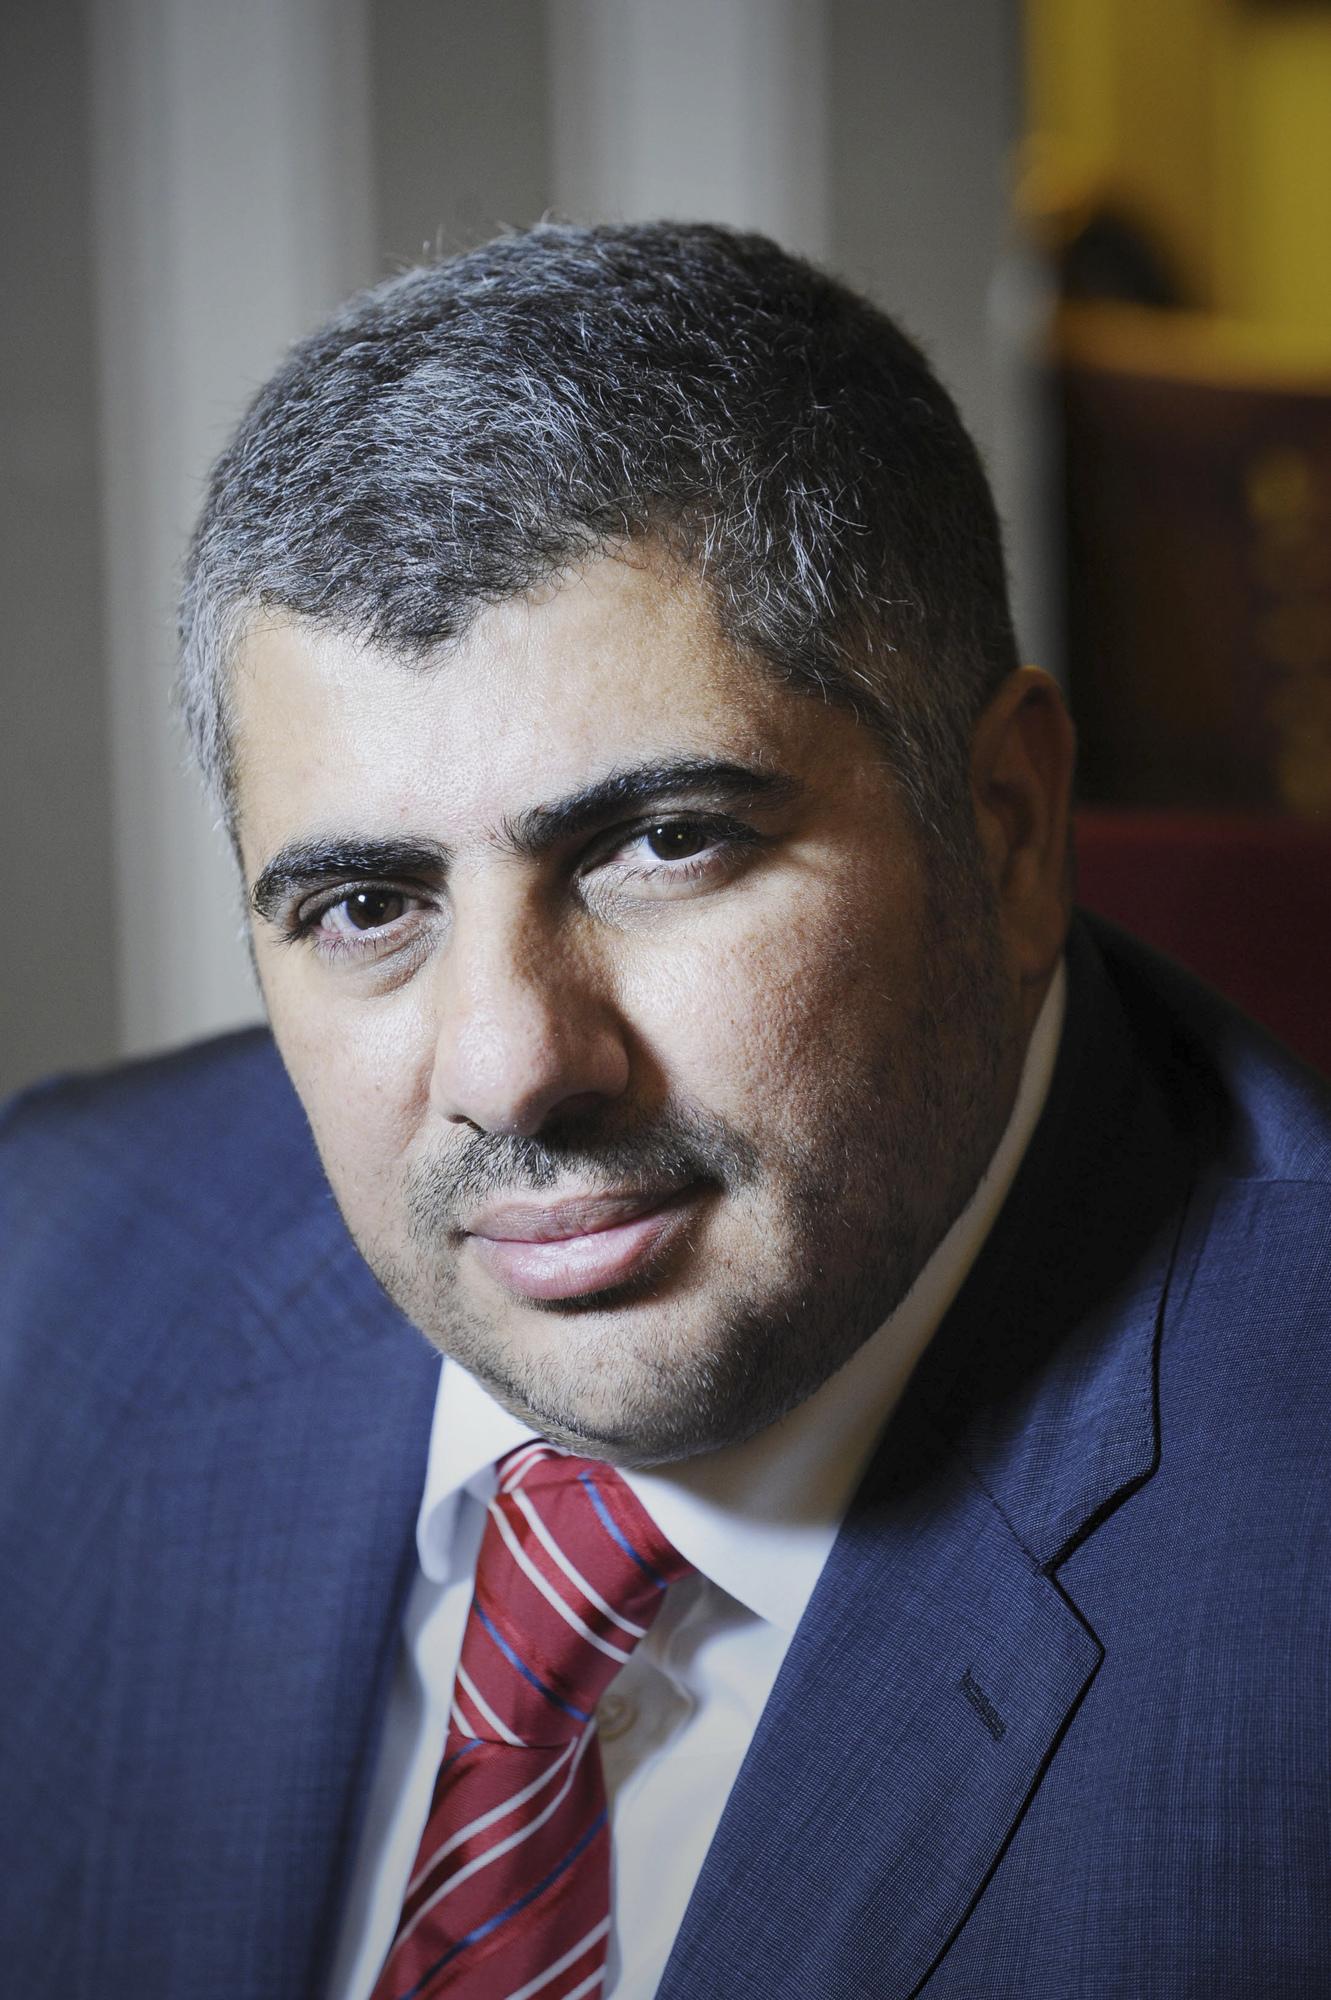 Mohamed Laid Benamor (algérie), industriel, directeur général du Groupe Benamor. A Paris le 29.11.2011. © Vincent Fournier/JA